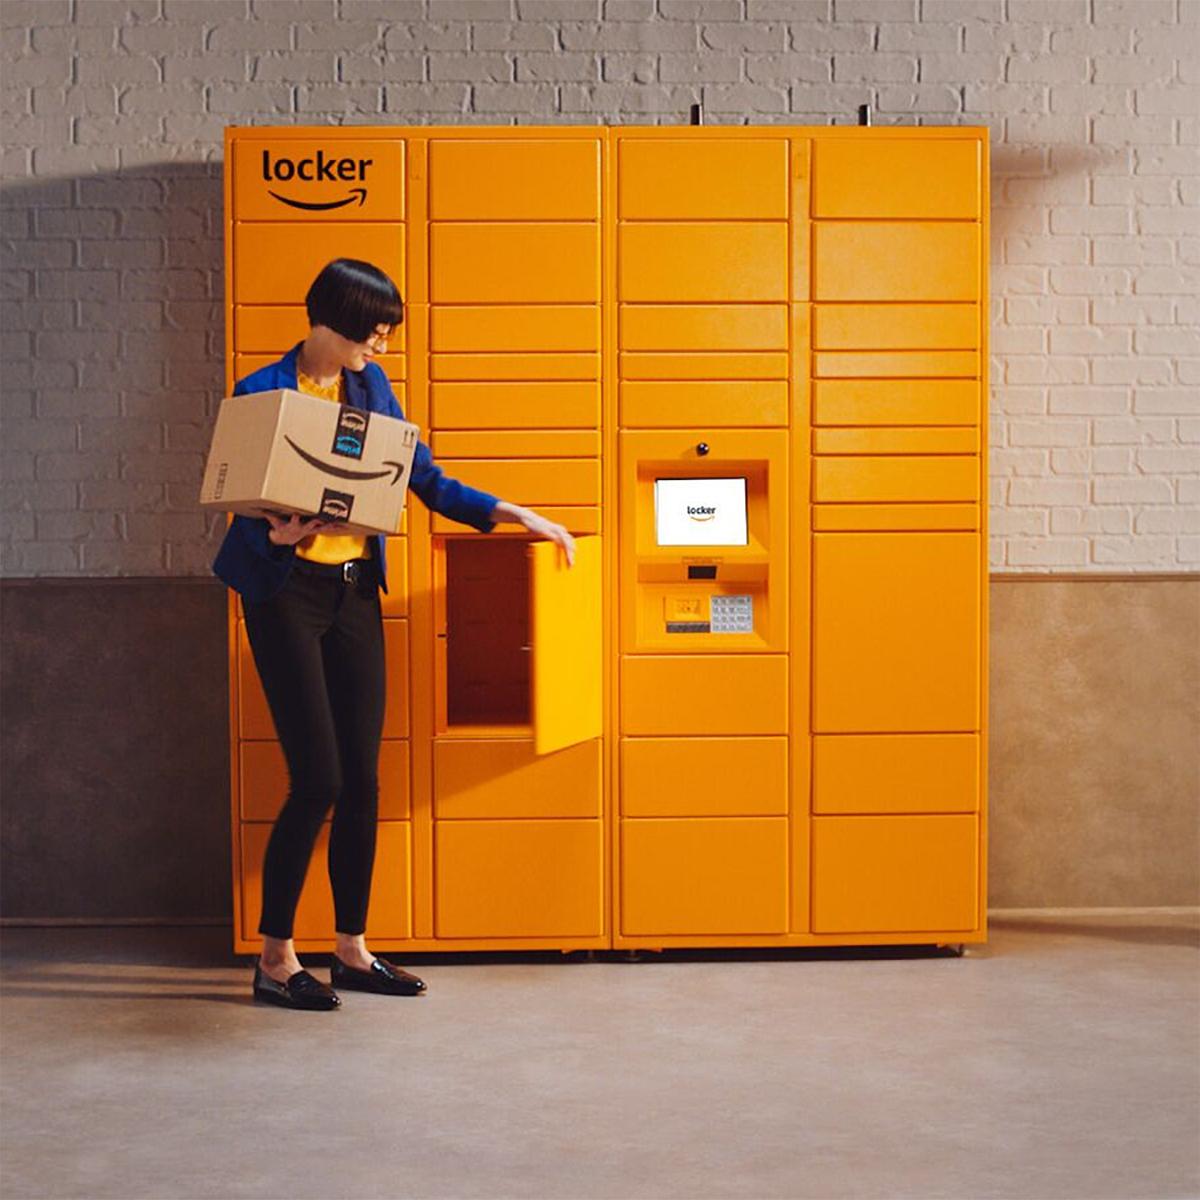 Amazon pickup locker